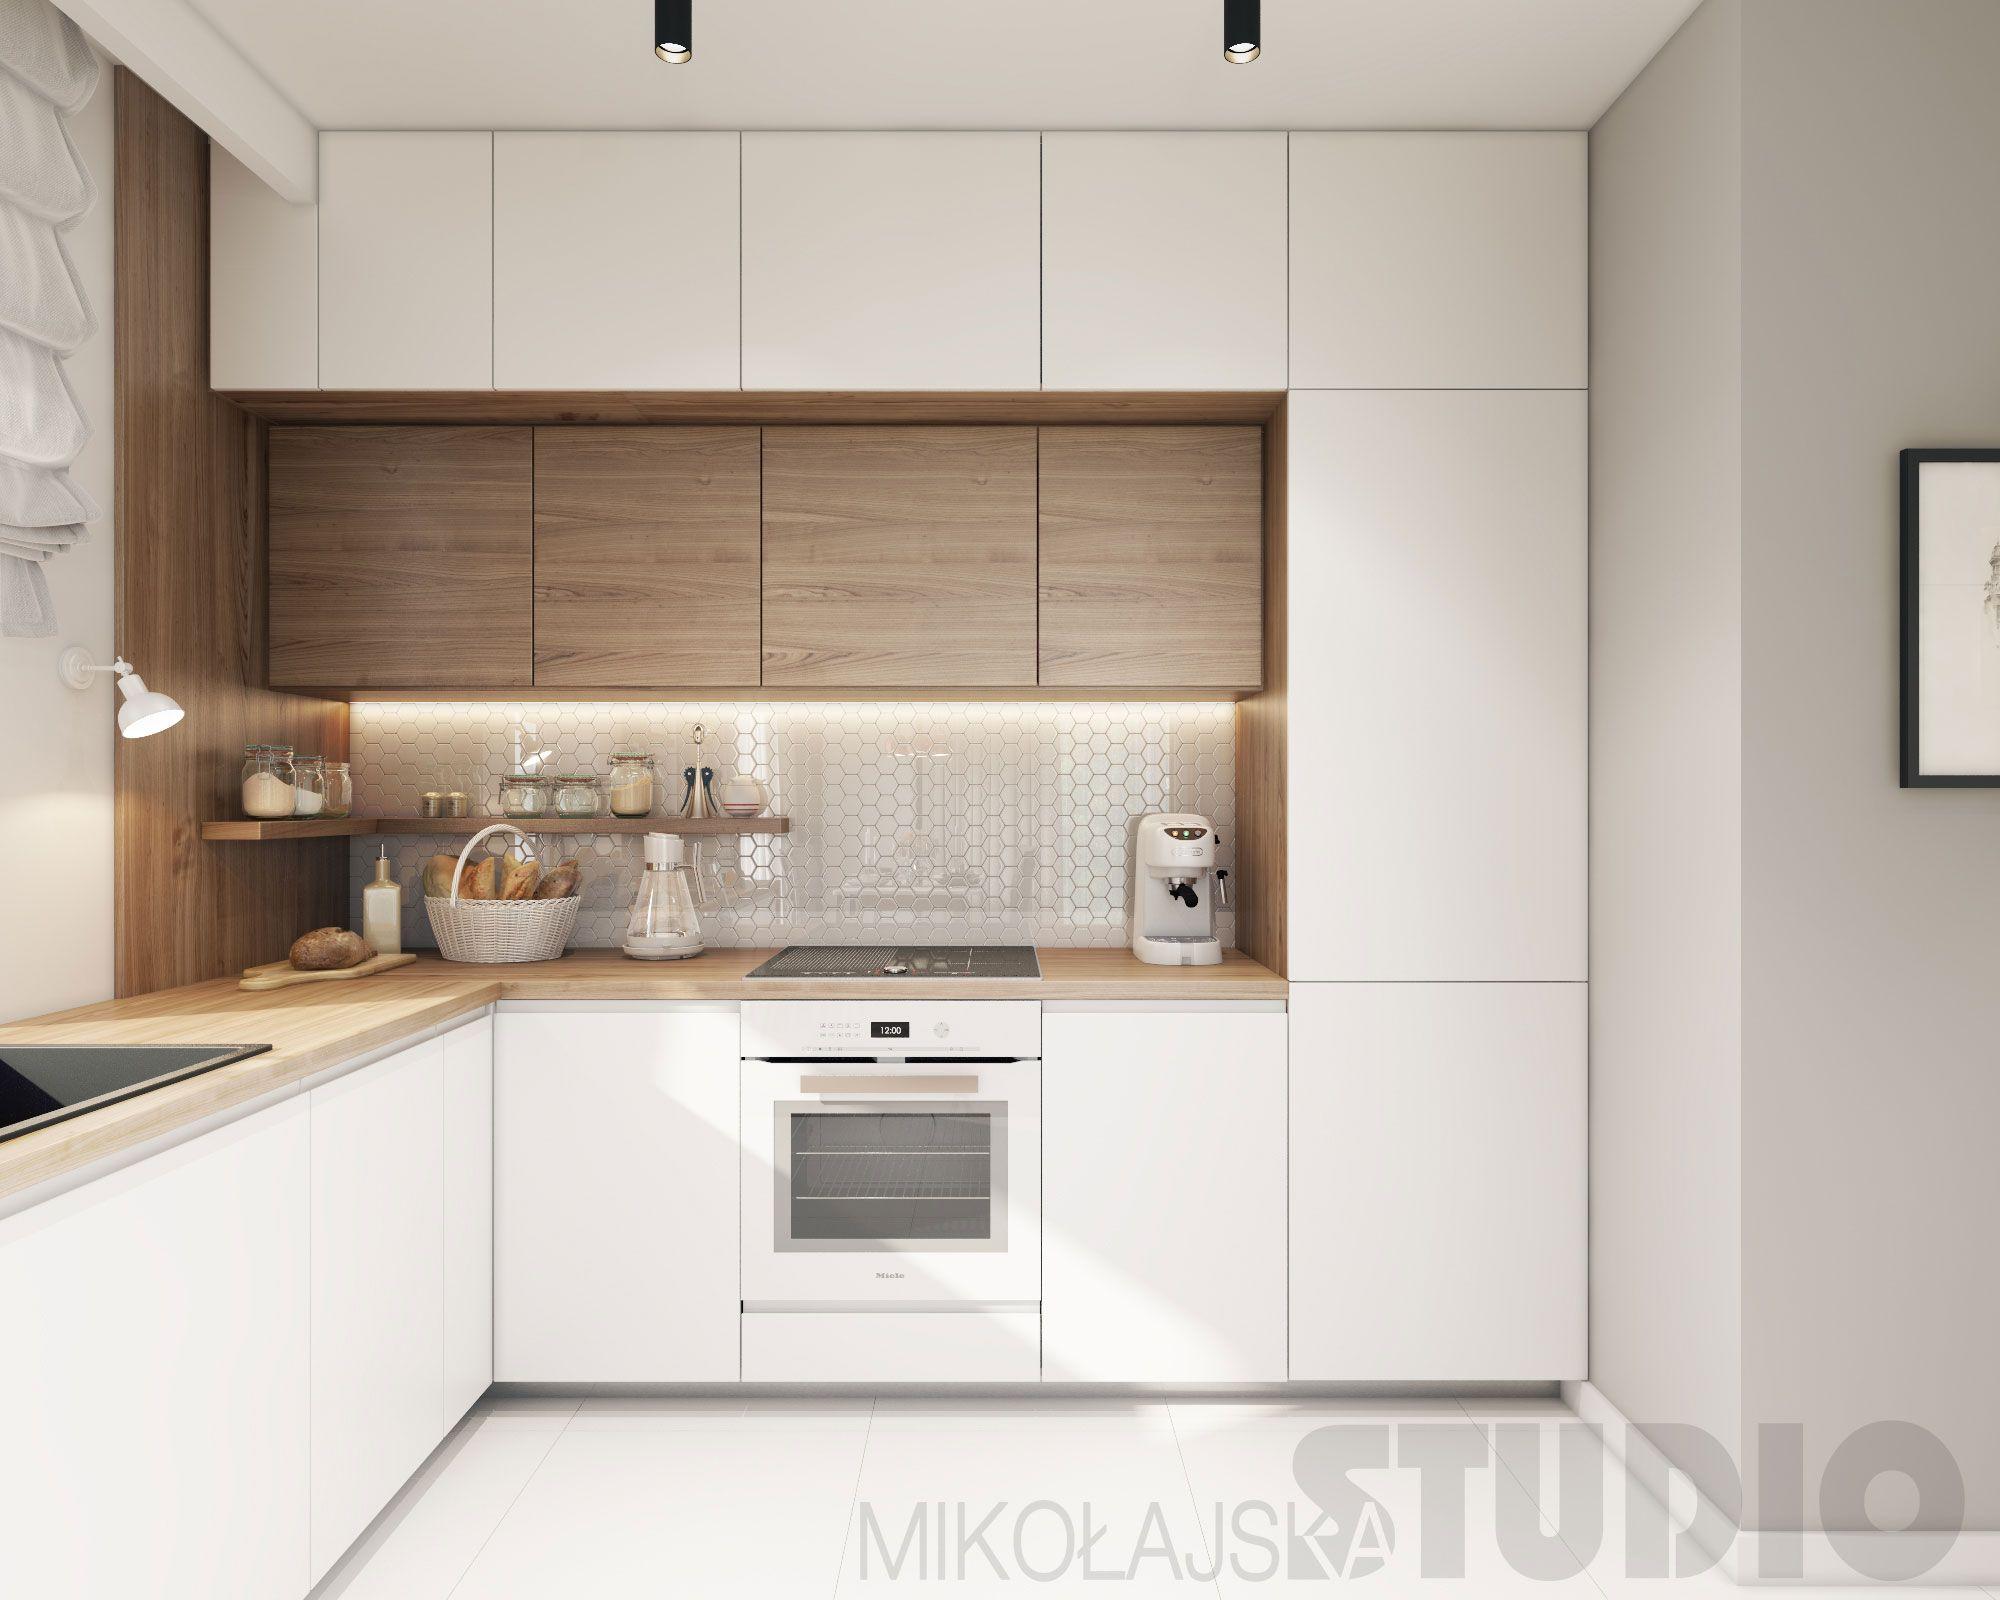 biała kuchnia | Cocinas | Pinterest | Cocinas, Cocina moderna y Moderno